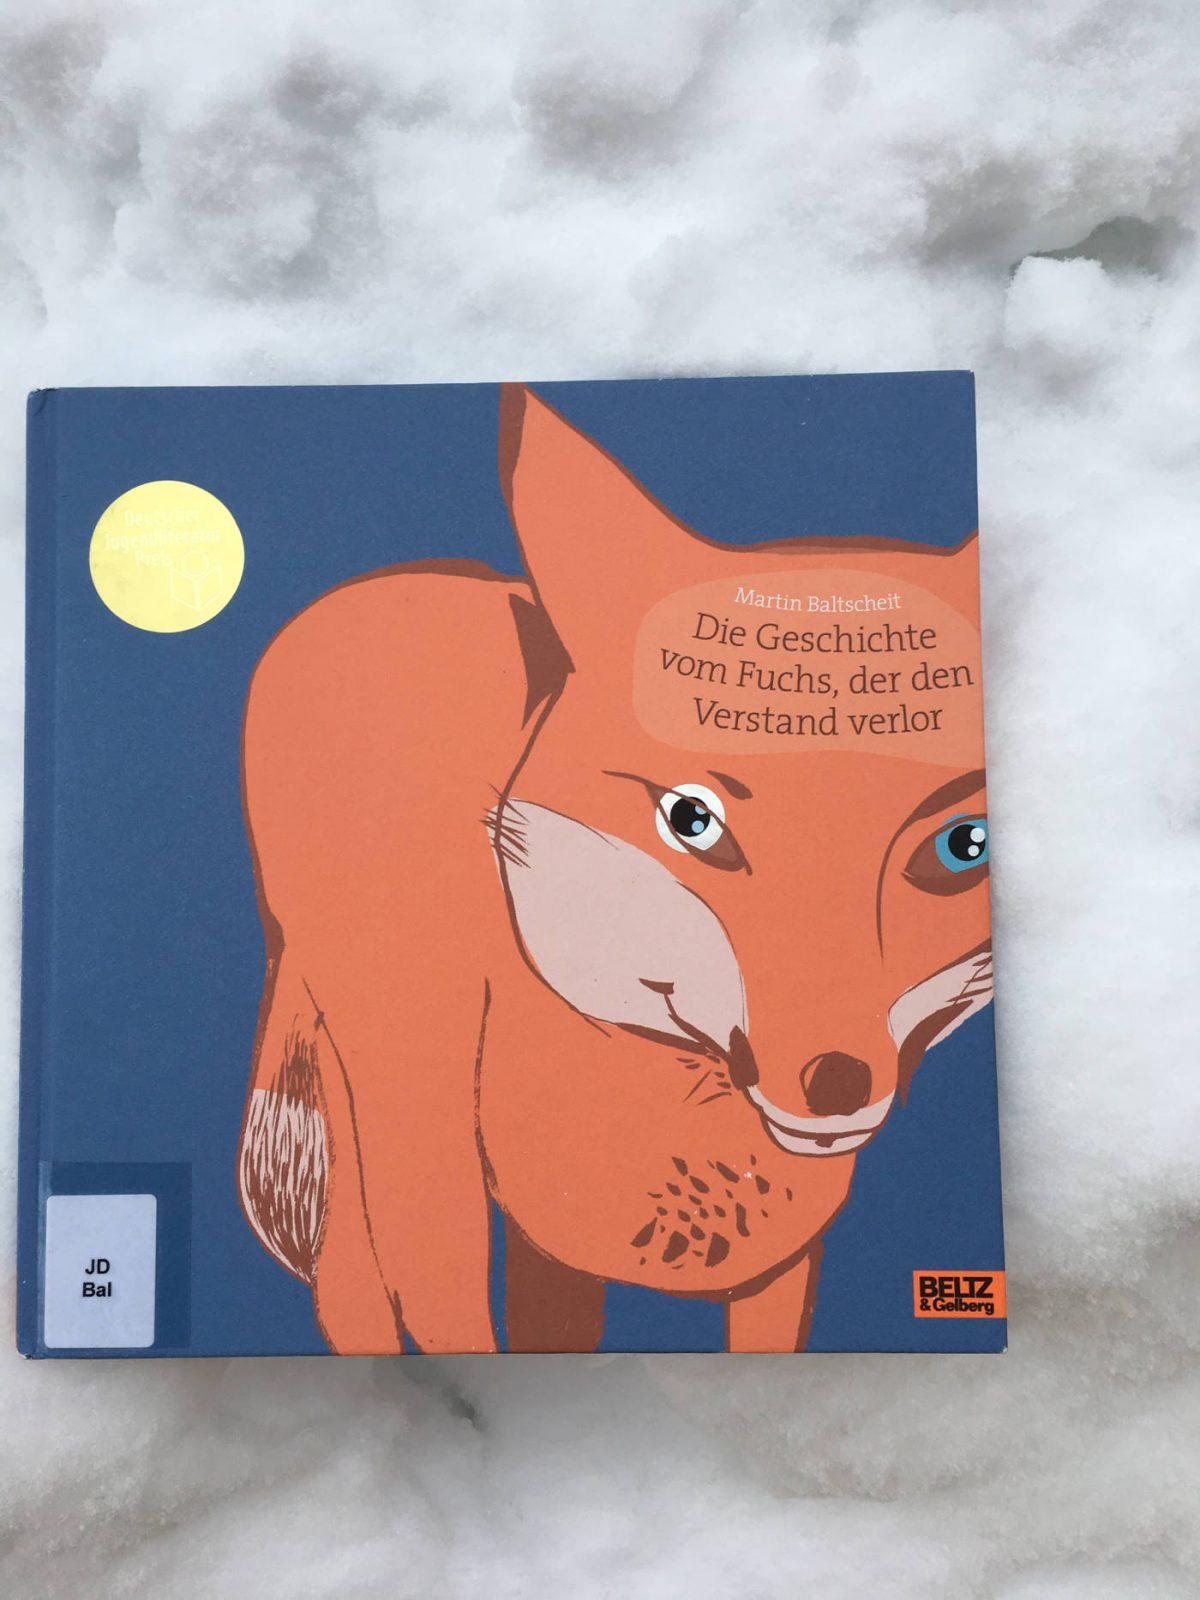 Martin Baltscheit Die Geschichte vom Fuchs der den Verstand verlor Brigitte Wallingers Kinderbuchblog Buchtipp Bücherempfehlung Bilderbuch genial toll empfehlenswert Jugendbuchblog